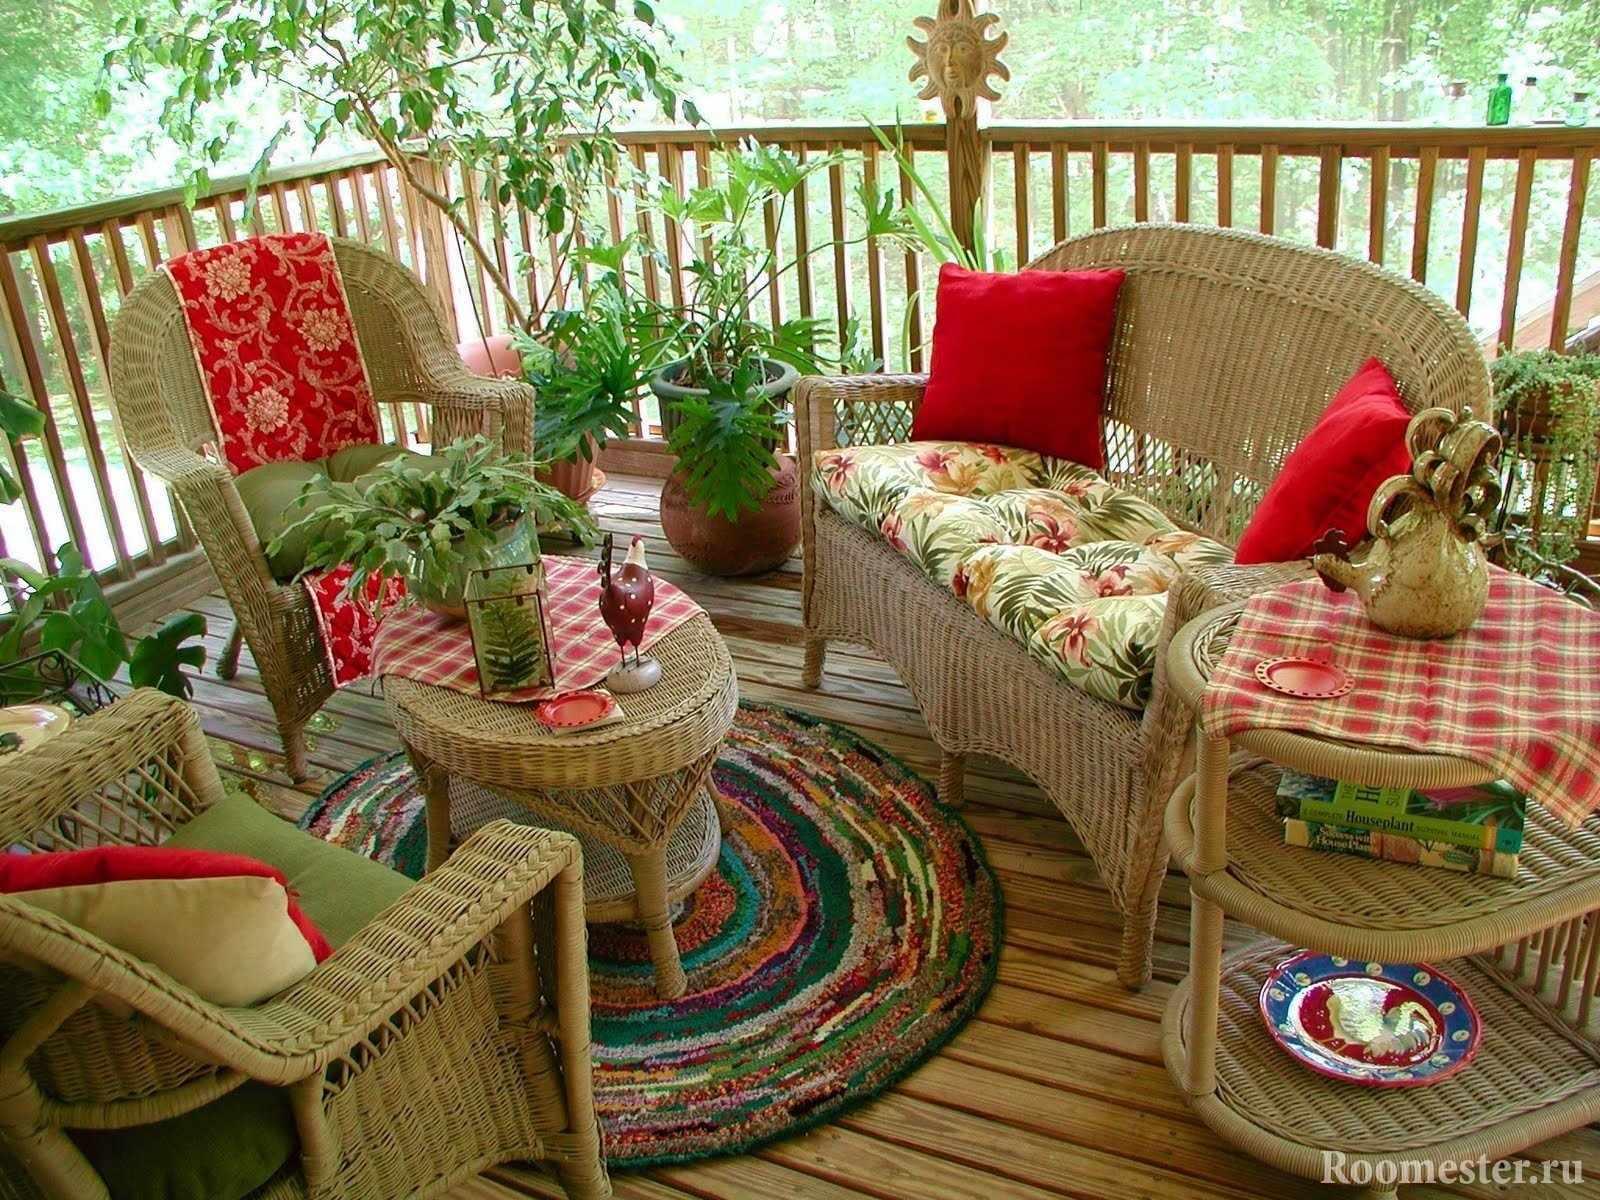 Плетеная мебель на веранде